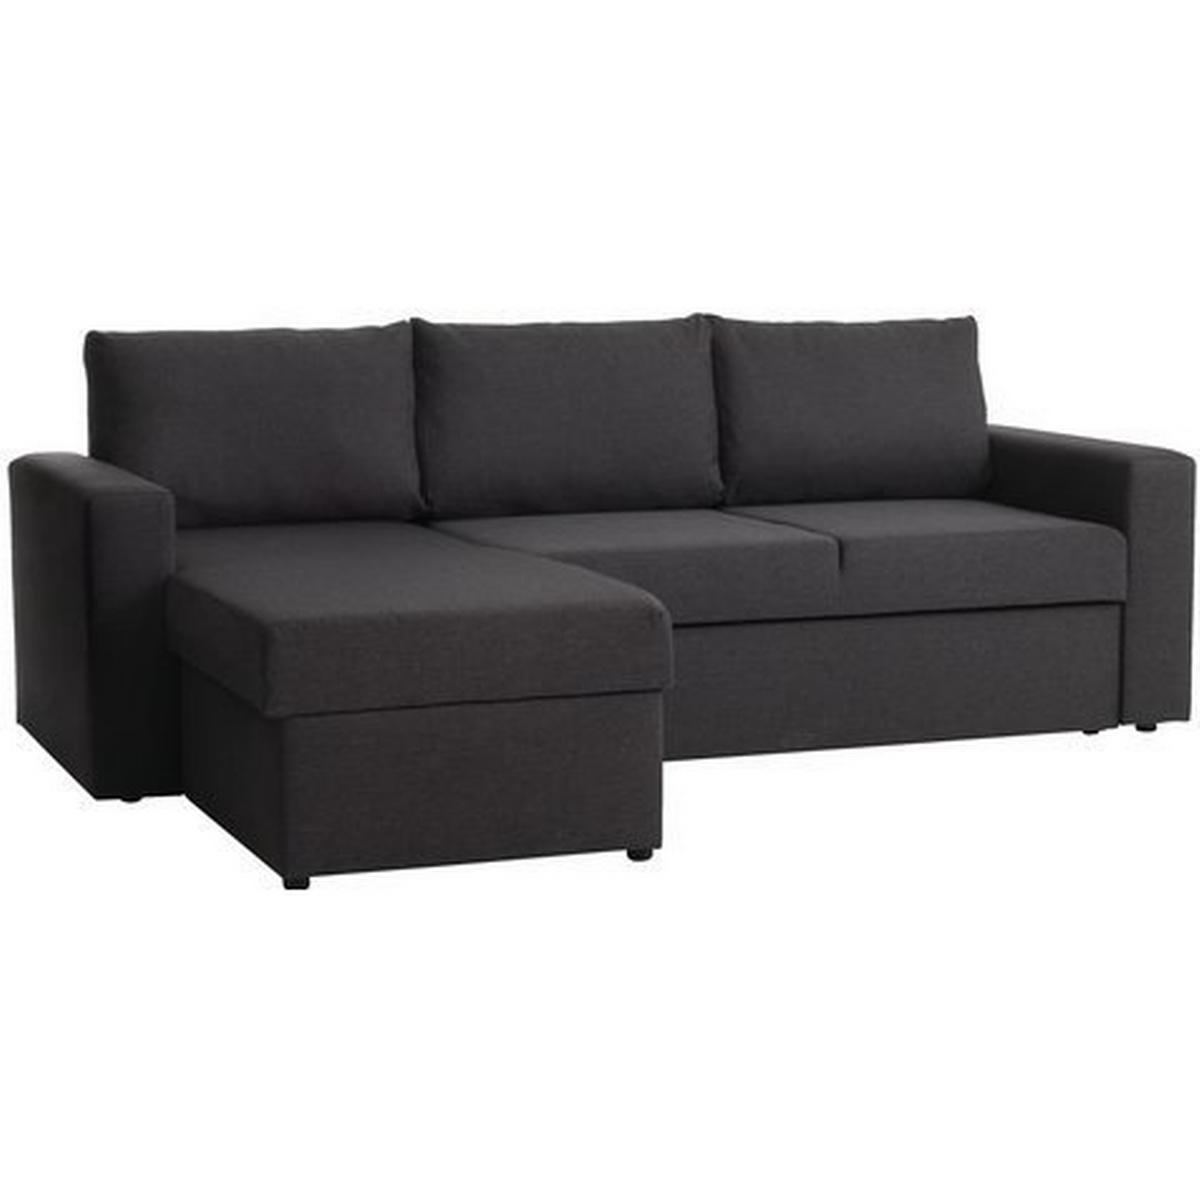 Topmoderne JYSK Sofa (81 modeller) hos PriceRunner • Se den billigste pris nu » BM-58